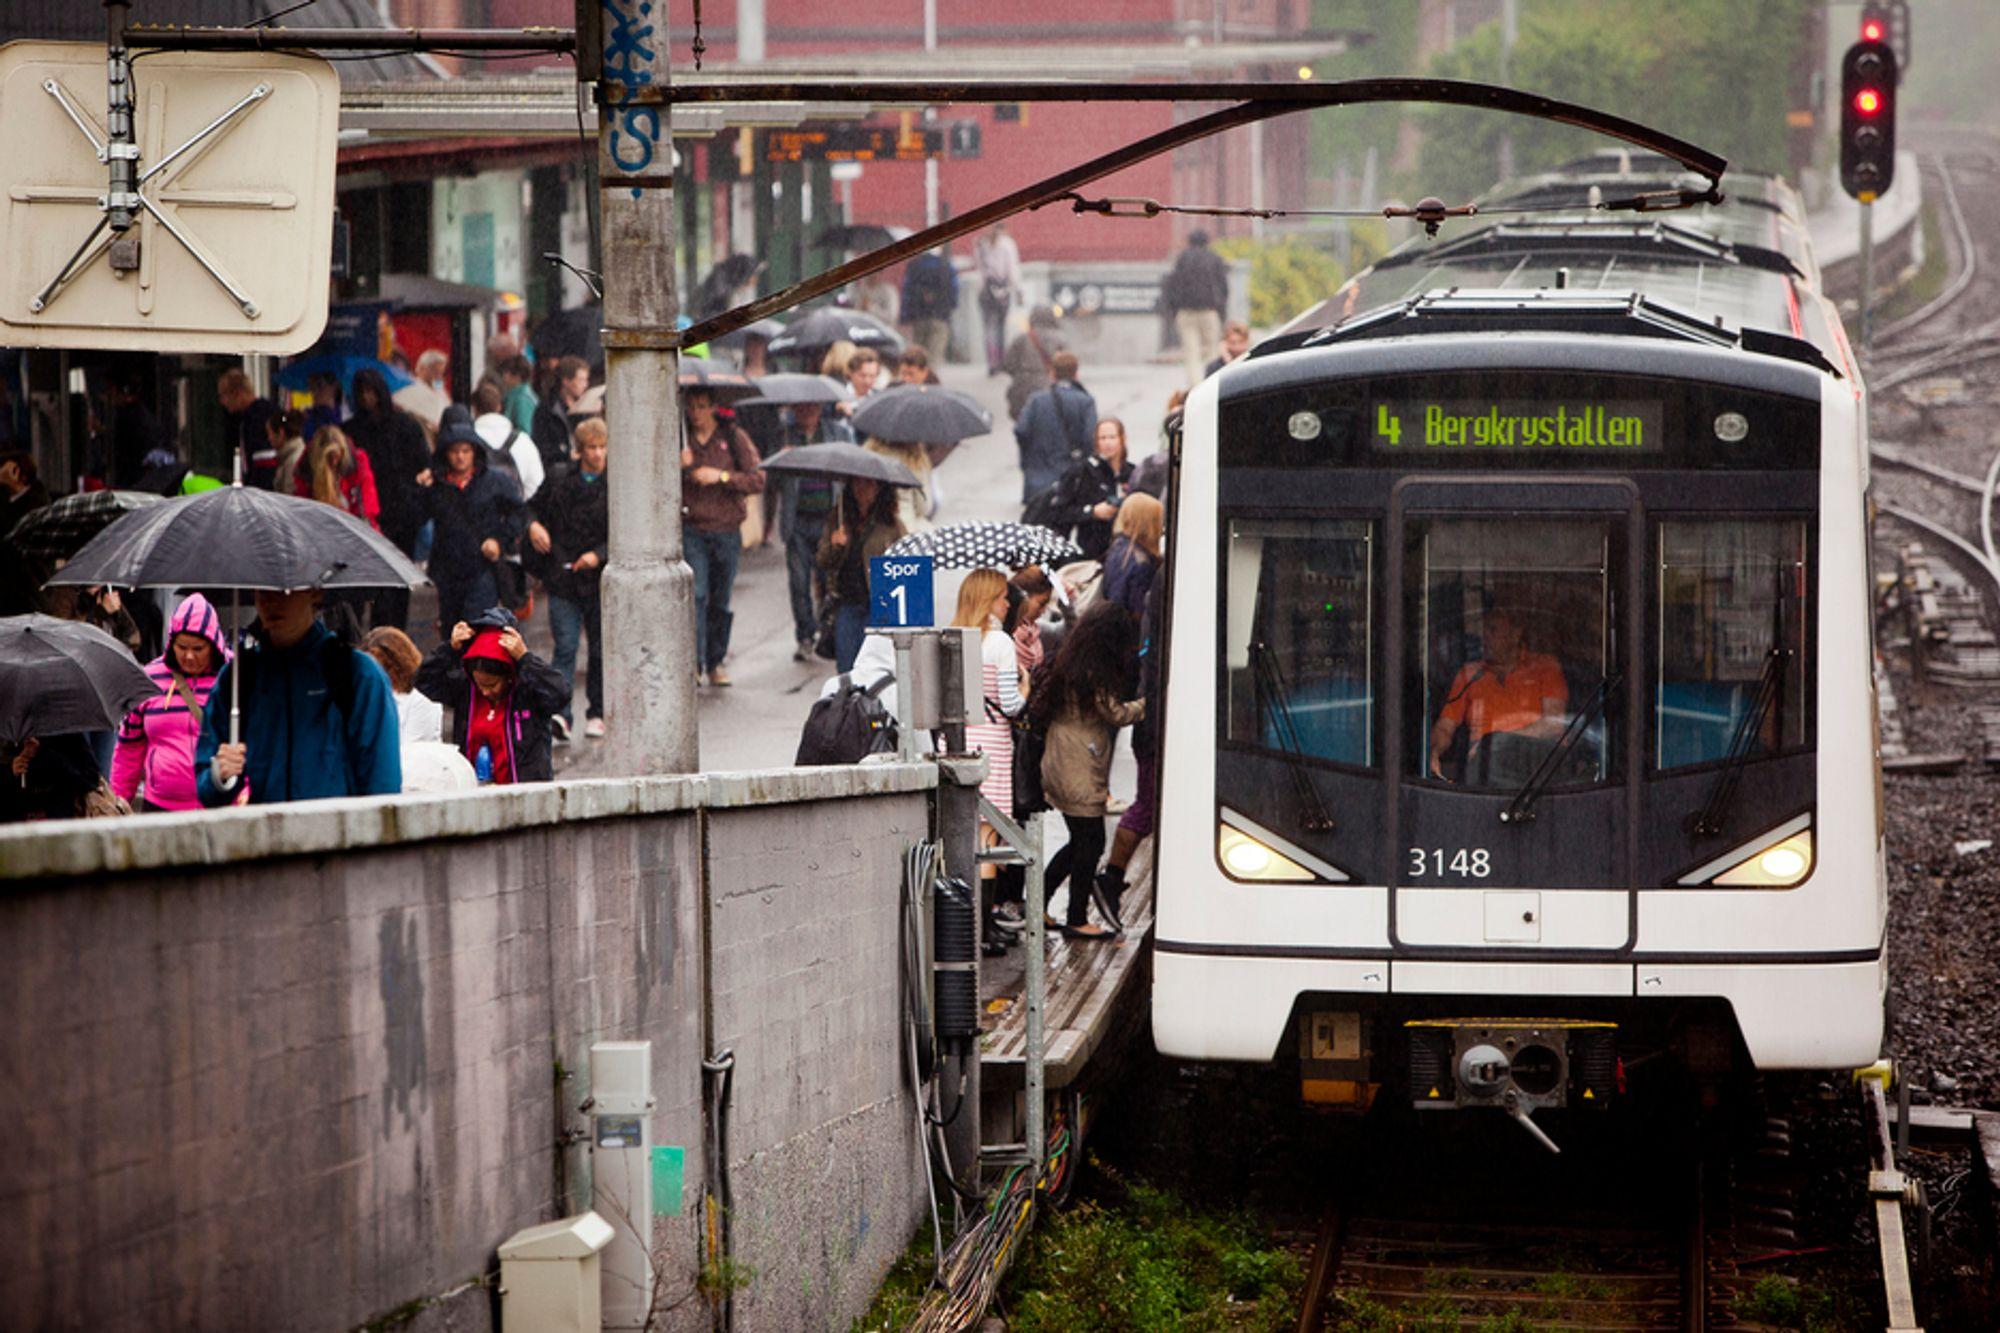 FORUTSETNING: Økt kollektivtransport er en forutsetning for økt befolkningsvekst i byene, mener NHO Transport.